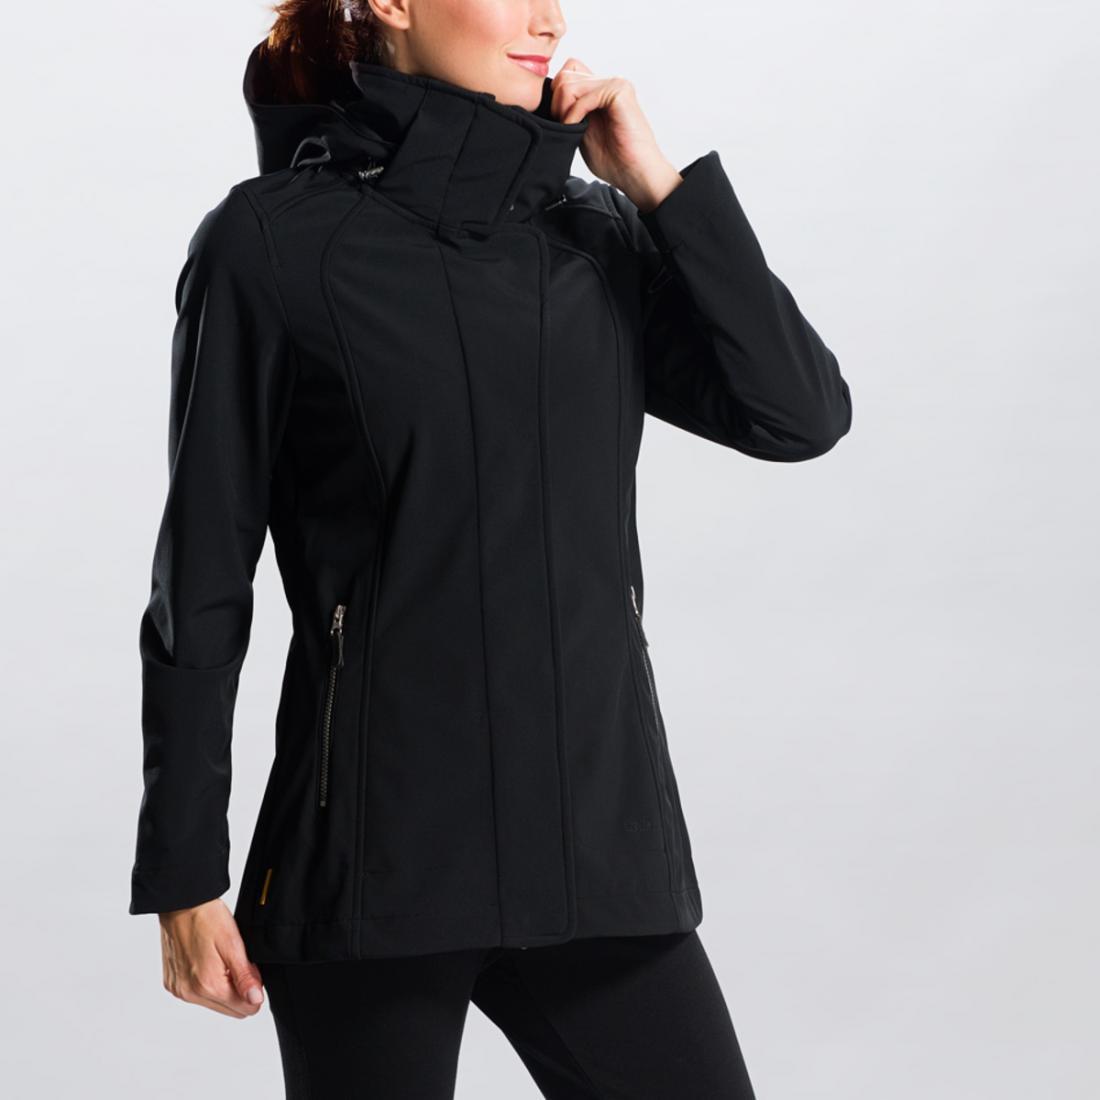 Куртка LUW0191 STUNNING JACKETКуртки<br>Легкий демисезонный плащ из софтшела с оригинальным принтом – функциональная и женственная вещь. <br> <br><br>Регулировки сзади на талии.<br>Воротник-стоечка.<br>Съемный капюшон со стяжками.<br>Два кармана на молнии.&lt;/li...<br><br>Цвет: Черный<br>Размер: L